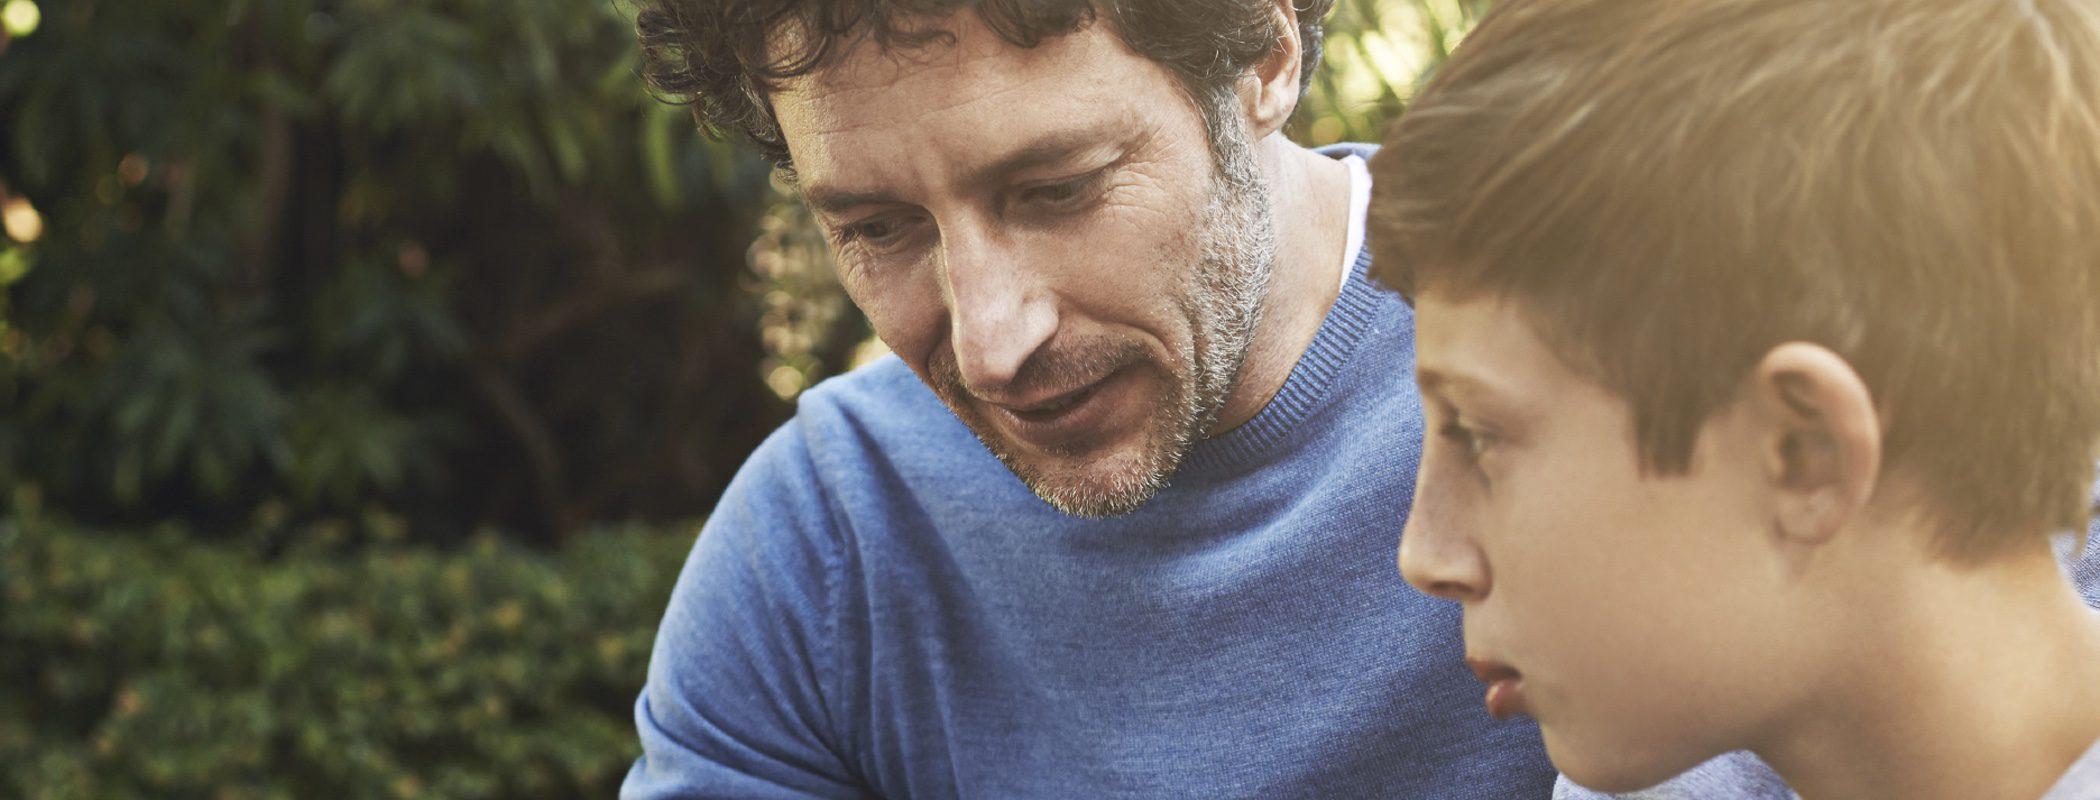 Cómo explicar a los hijos las causas y consecuencias del divorcio